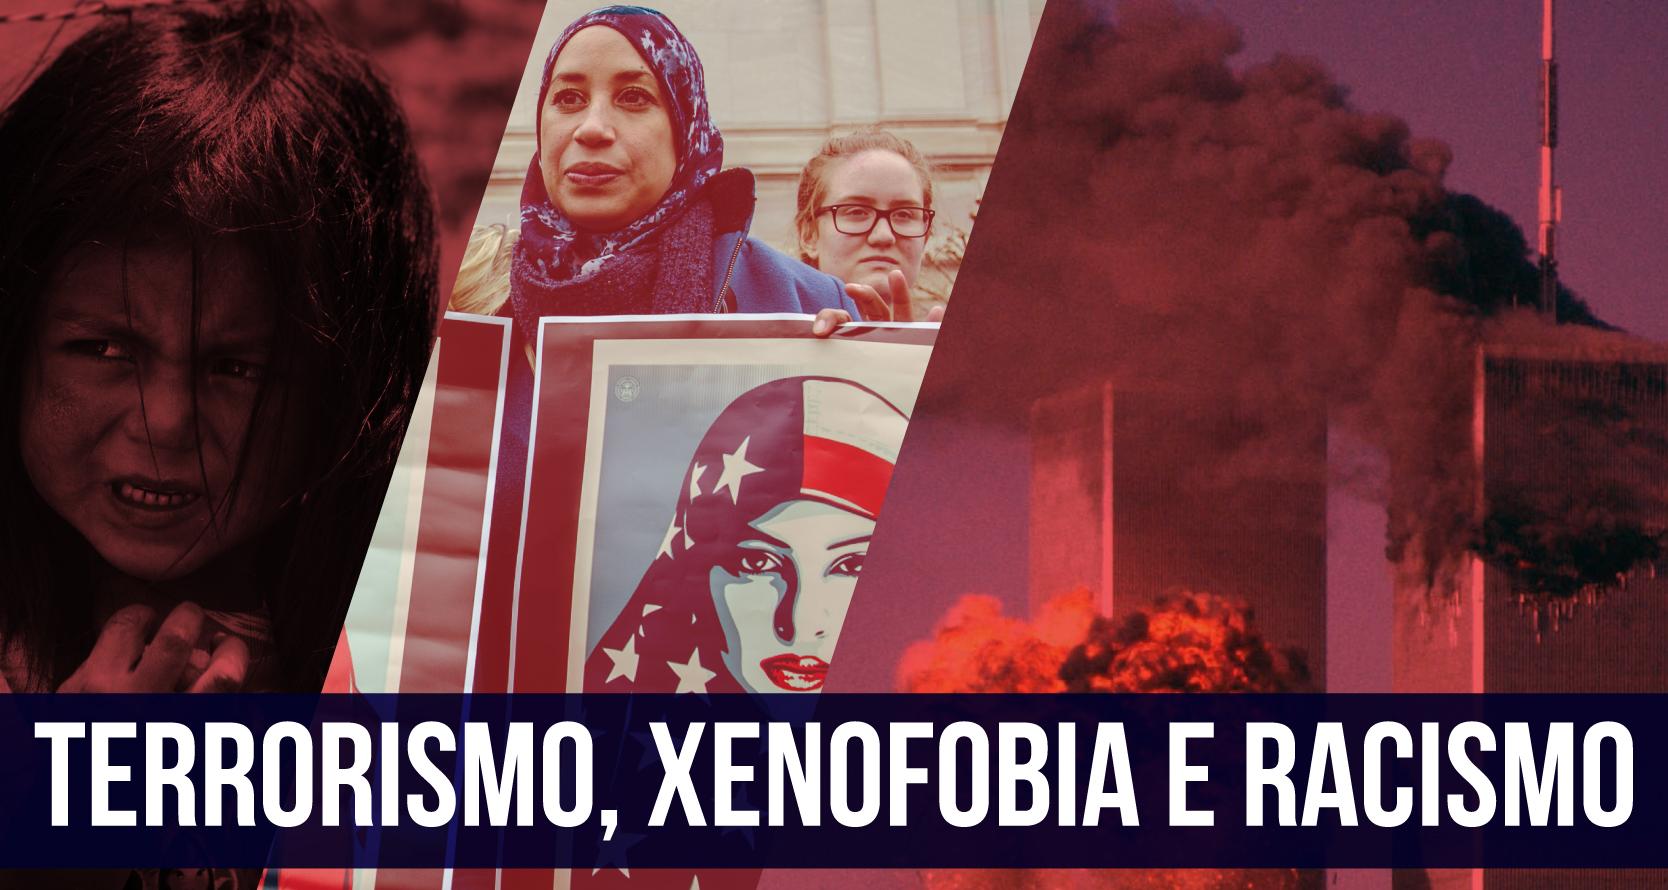 Terrorismo, xenofobia e racismo